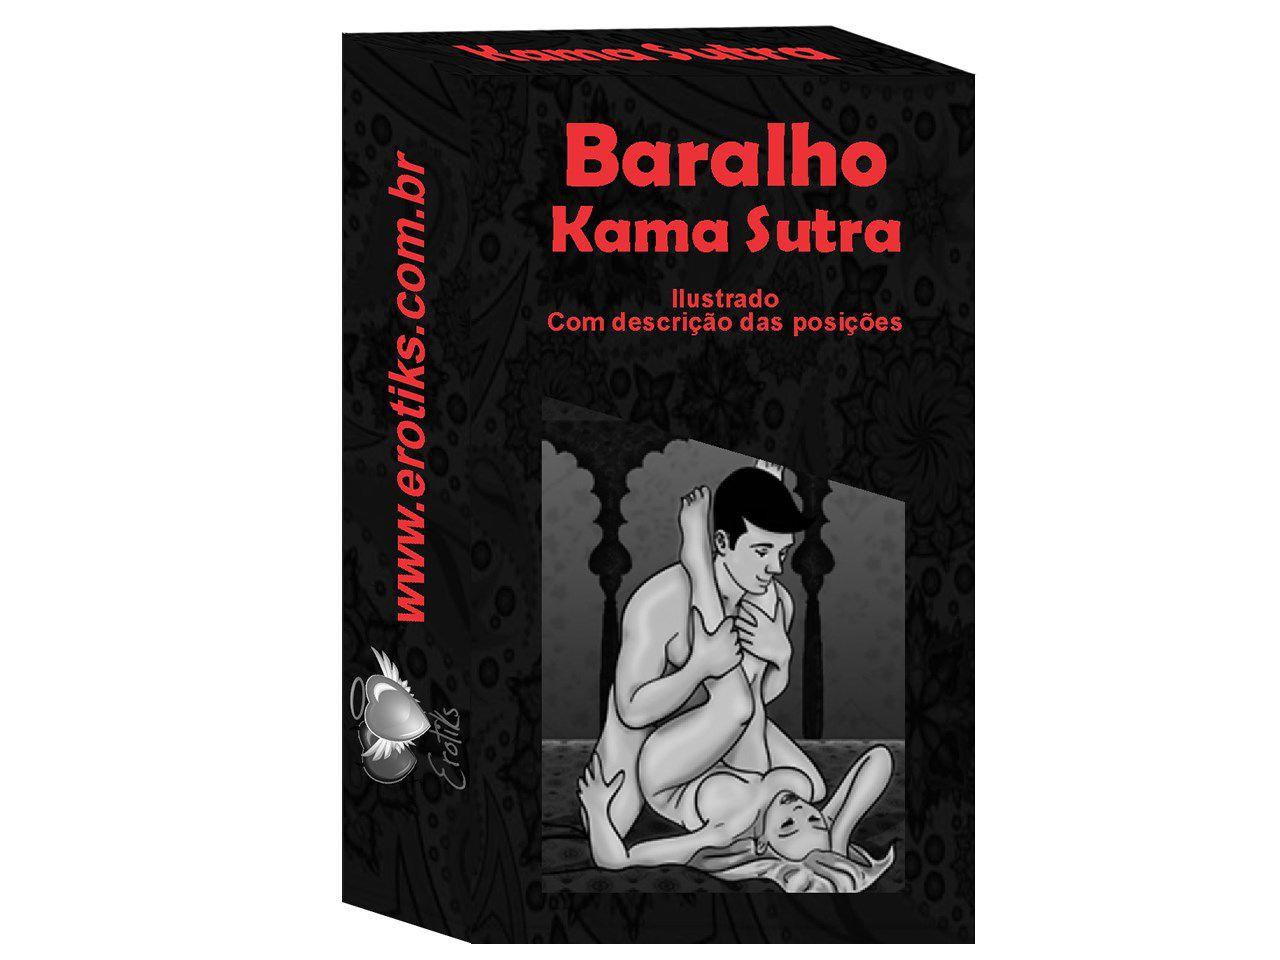 Baralho Kama sutra (20 cartas com posições explicadas)